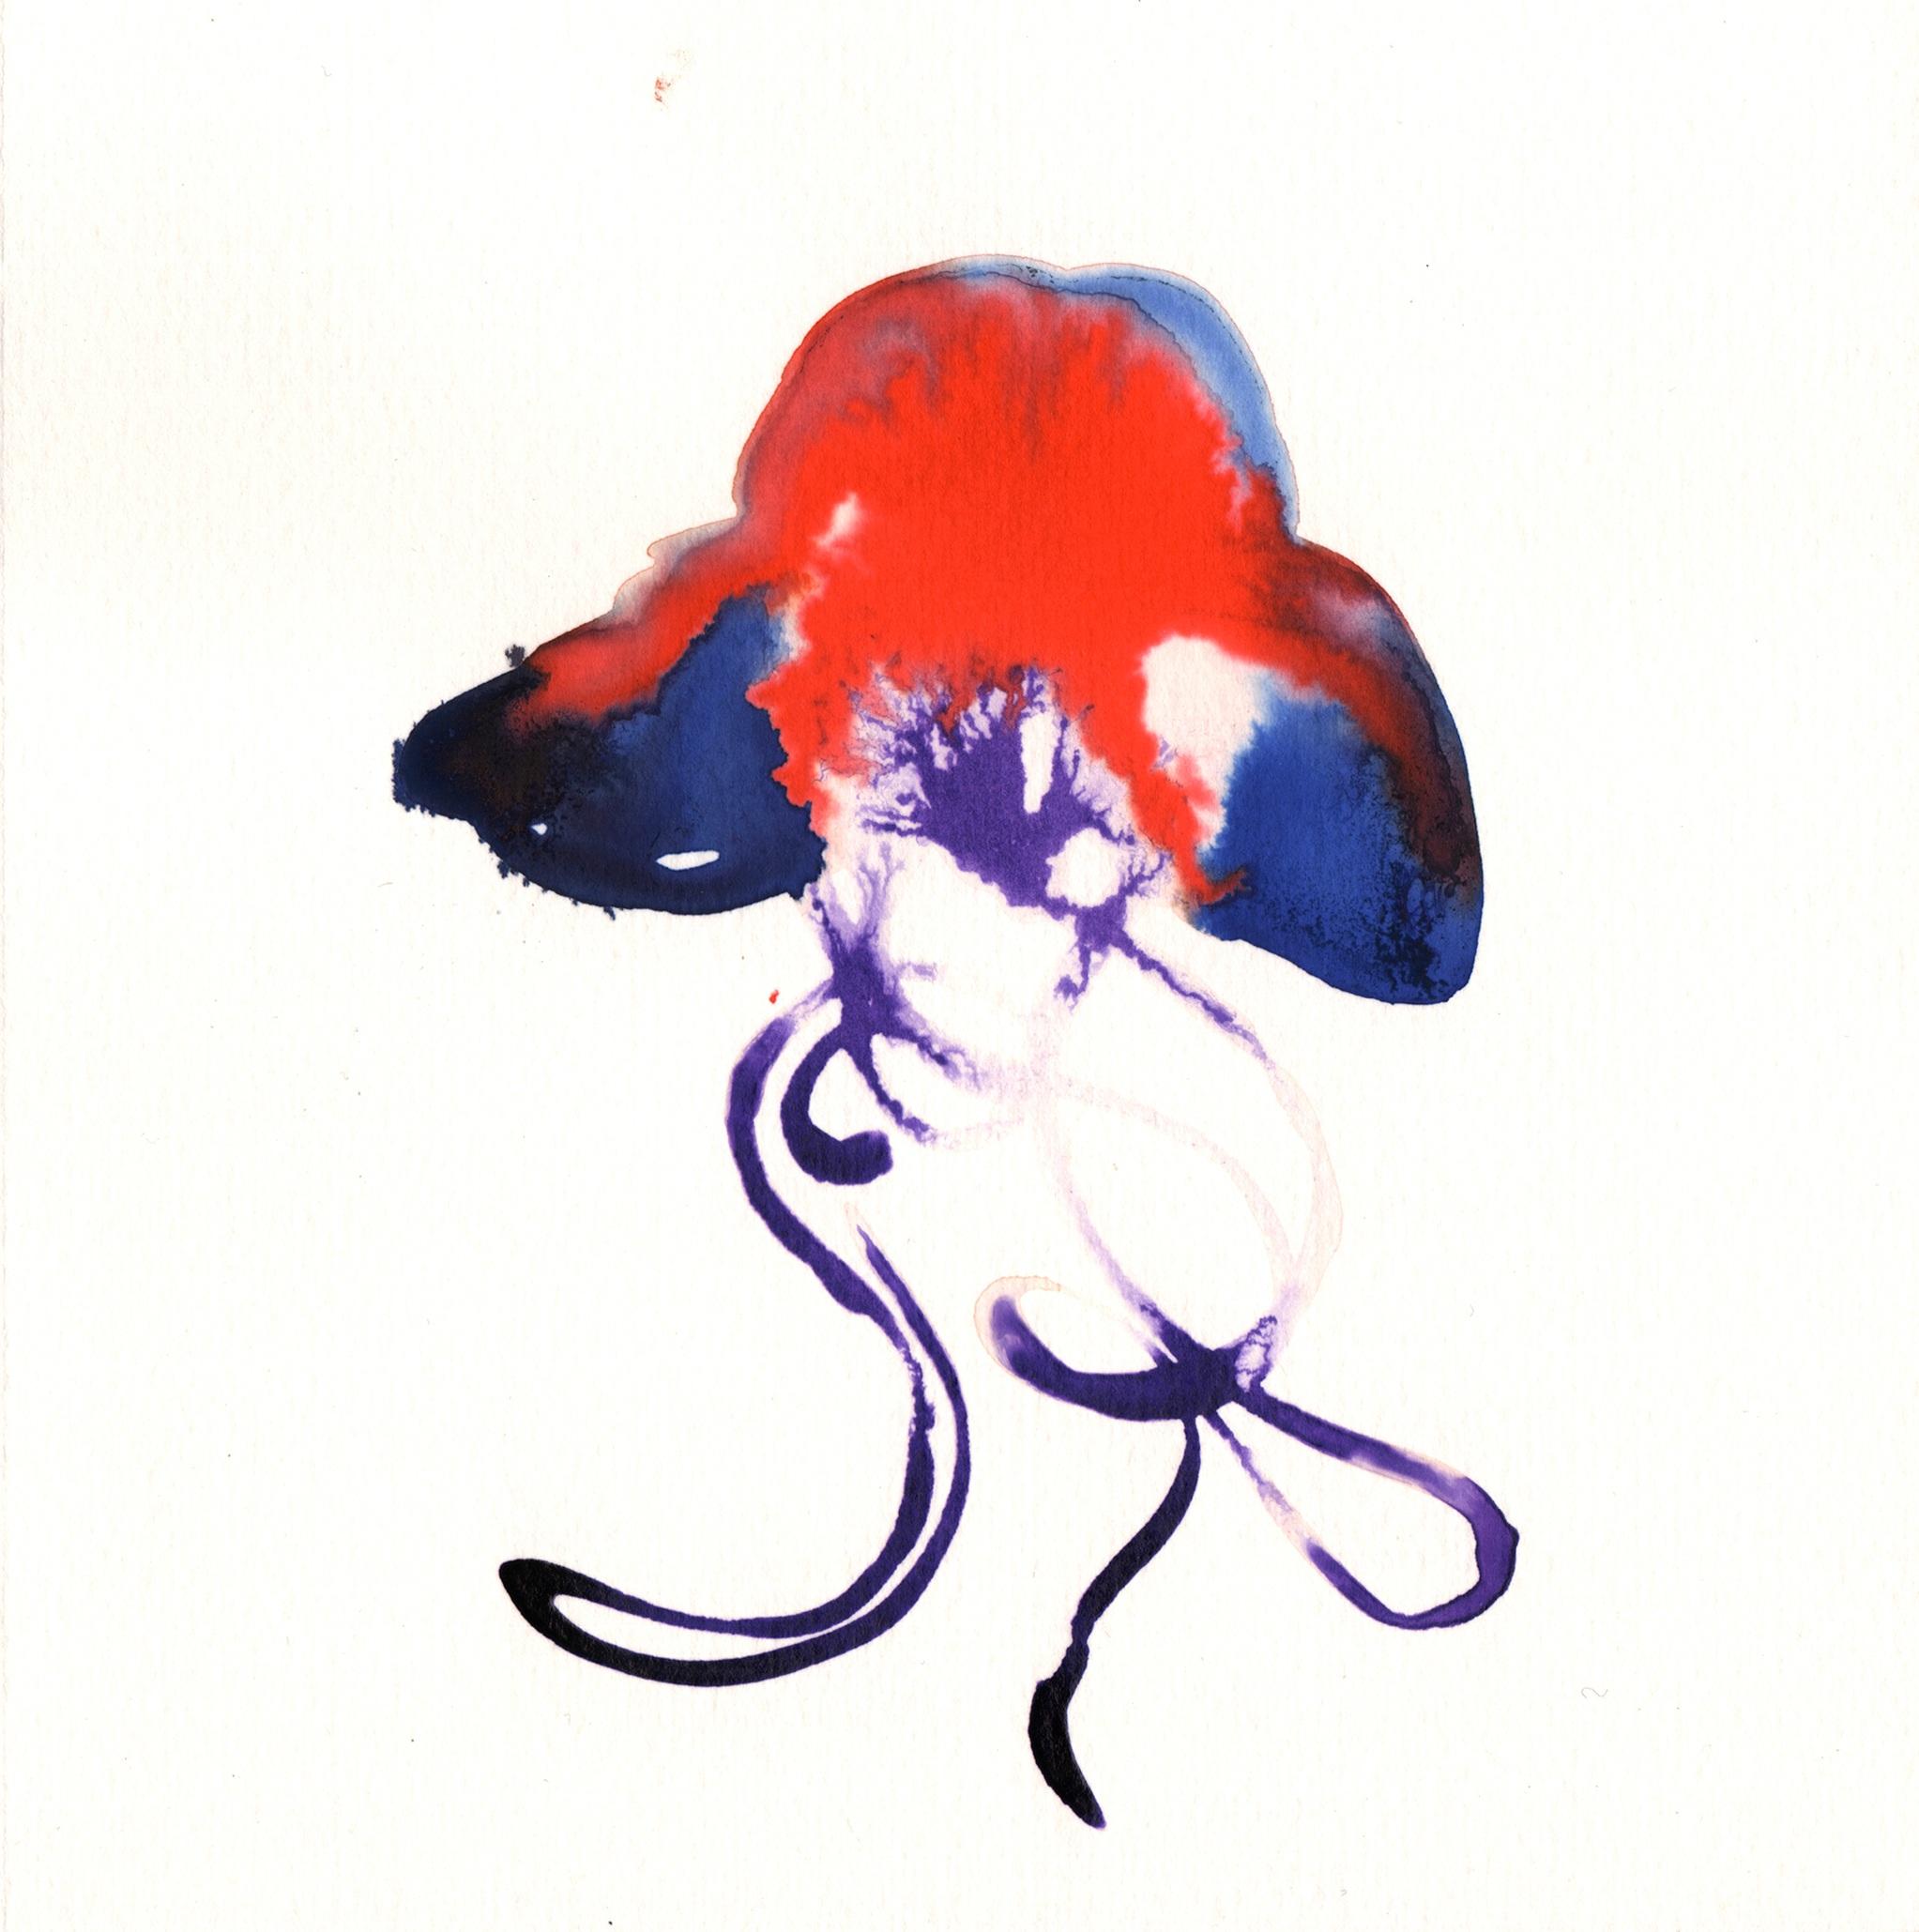 264.Orchid.10.30.14.jpg